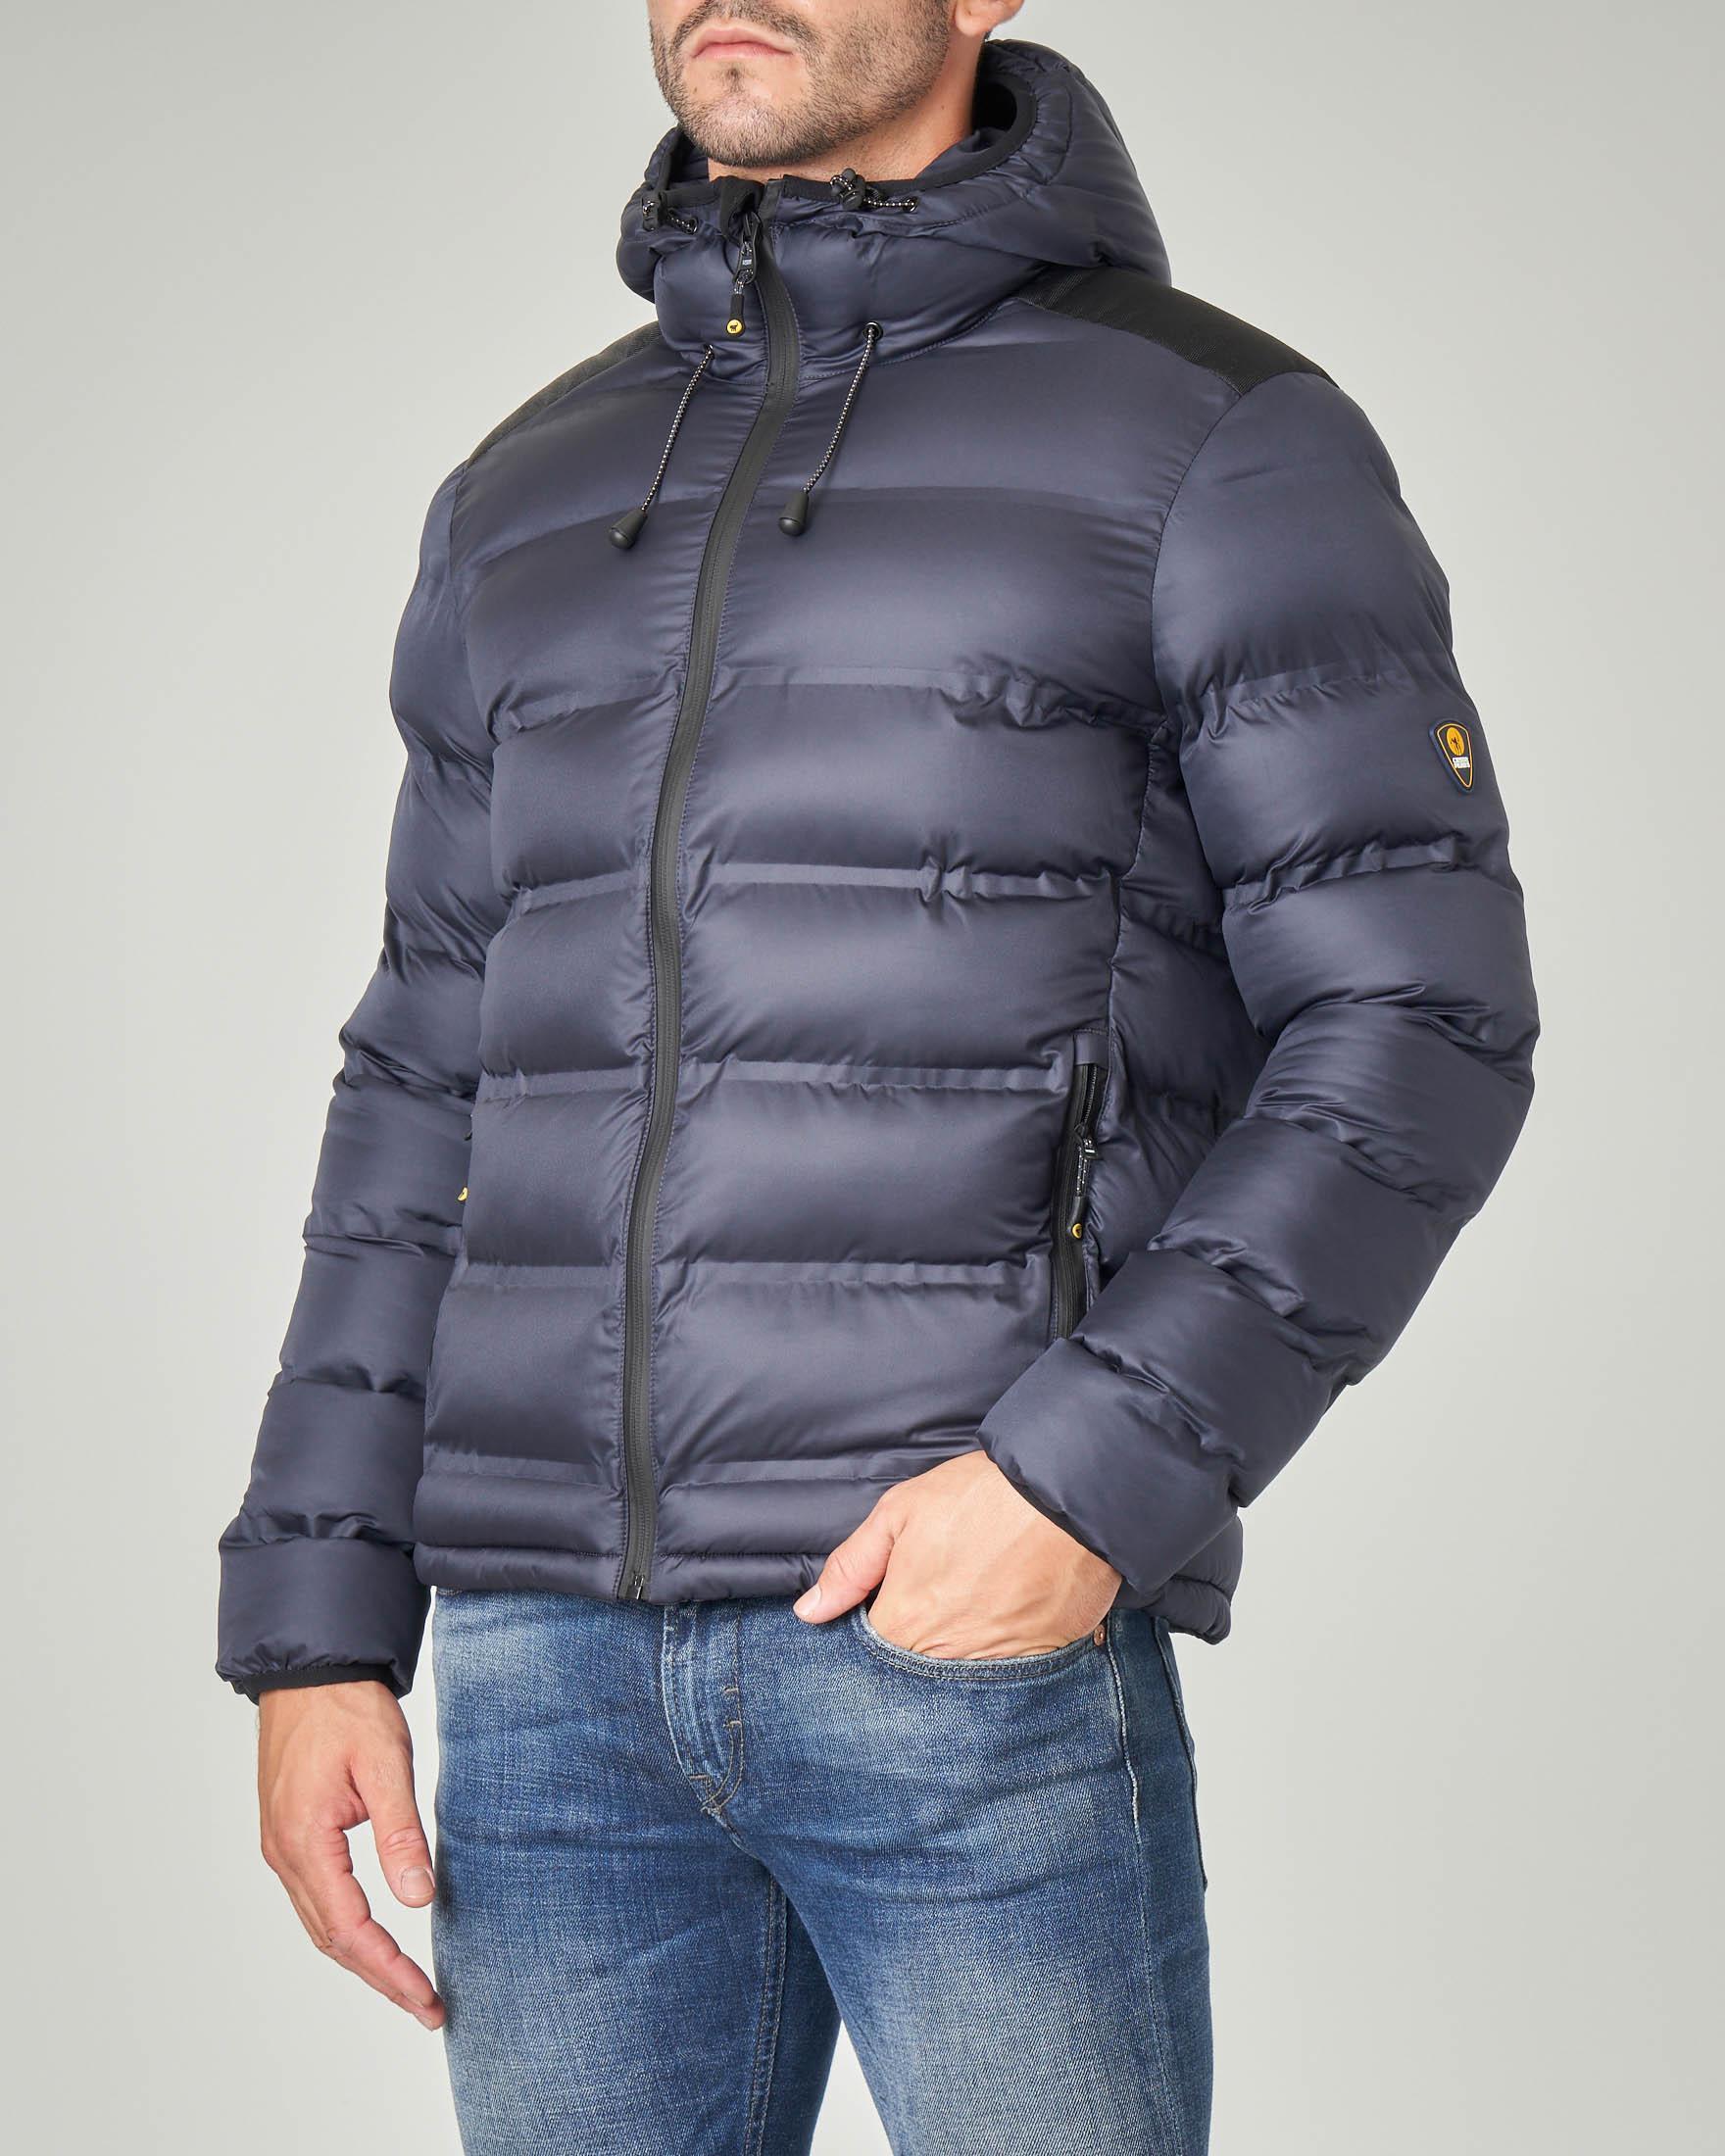 Piumino blu con cappuccio e inserto sulle spalle in cordura